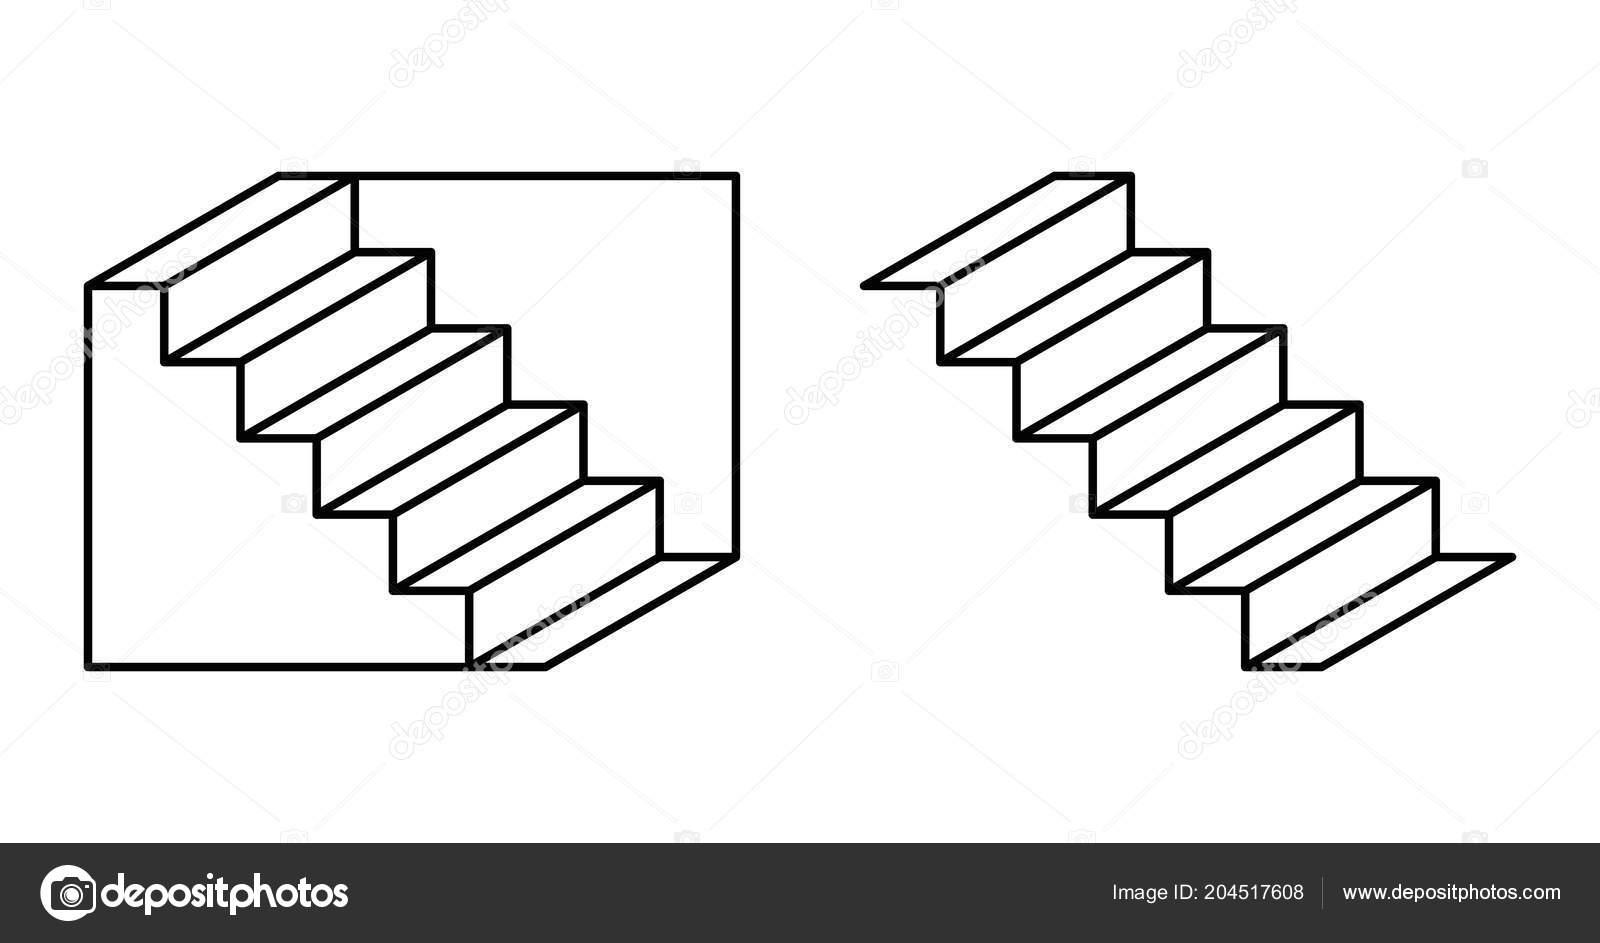 Favoriete Schroeder Trap Optische Illusie Tekenen Die Kunnen Beschouwd Als TP09